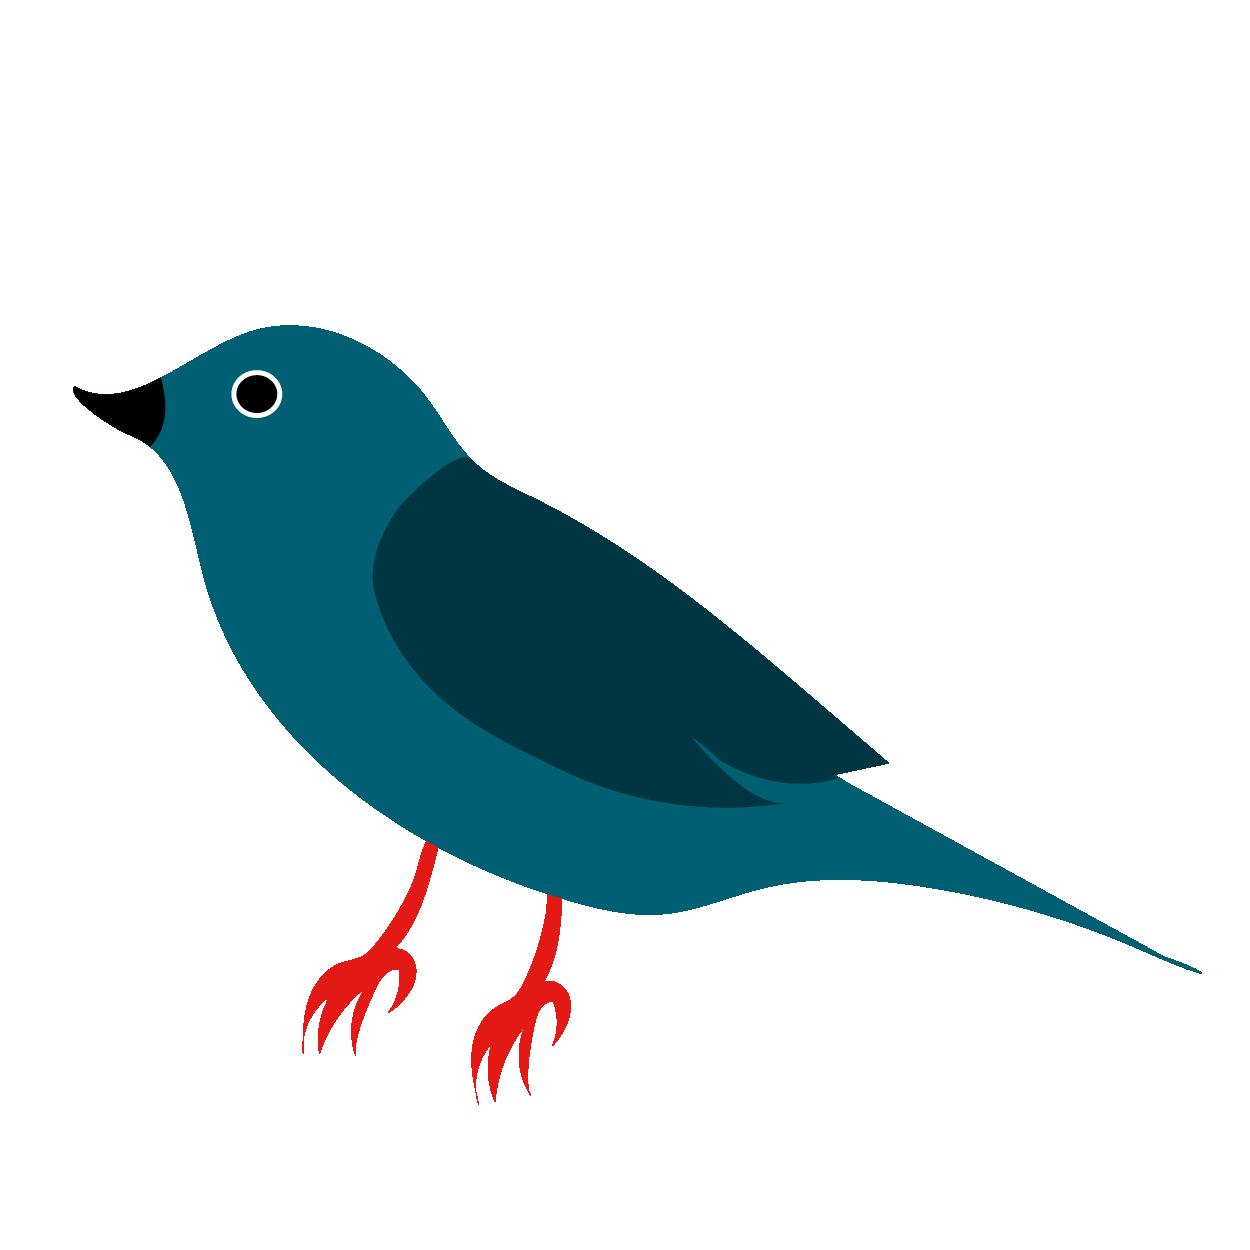 シンプルな青い鳥(バード)のイラスト 年賀状ワンポイントイラスト